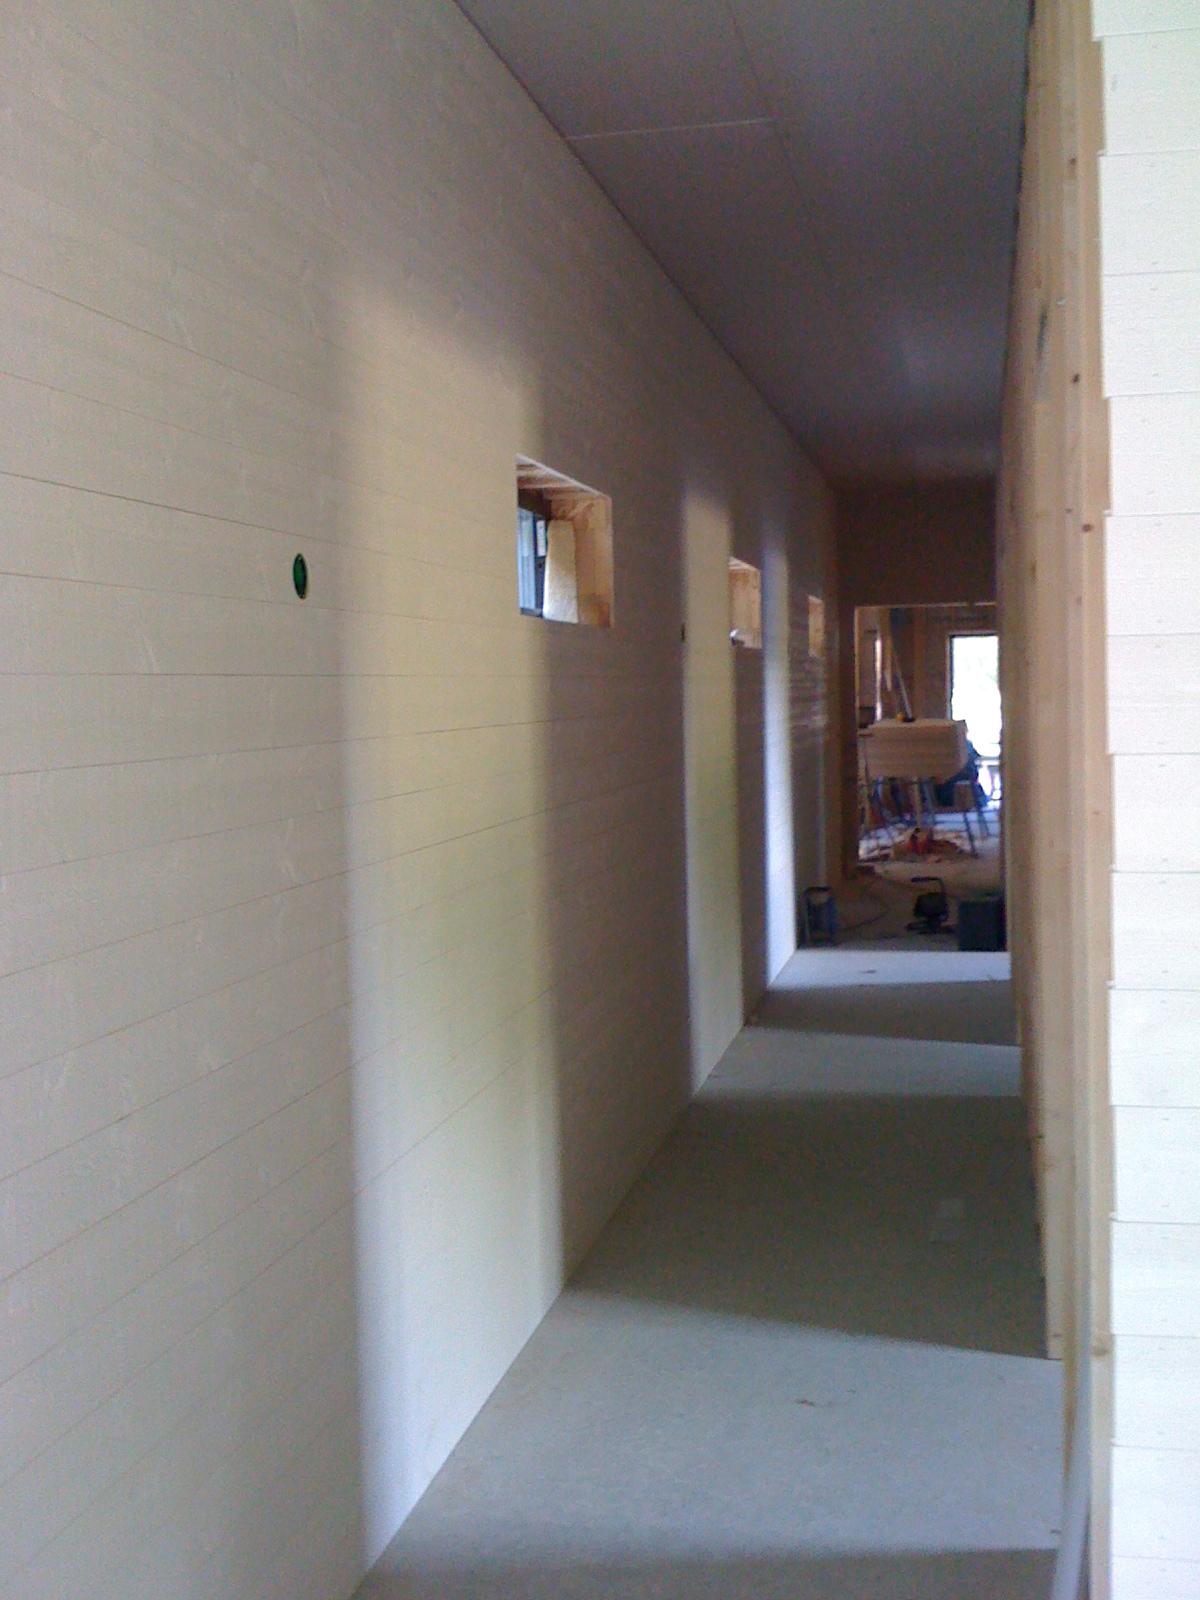 Ullevidsdal: väggar i korridoren, årets sista Änglatrumpet och ...